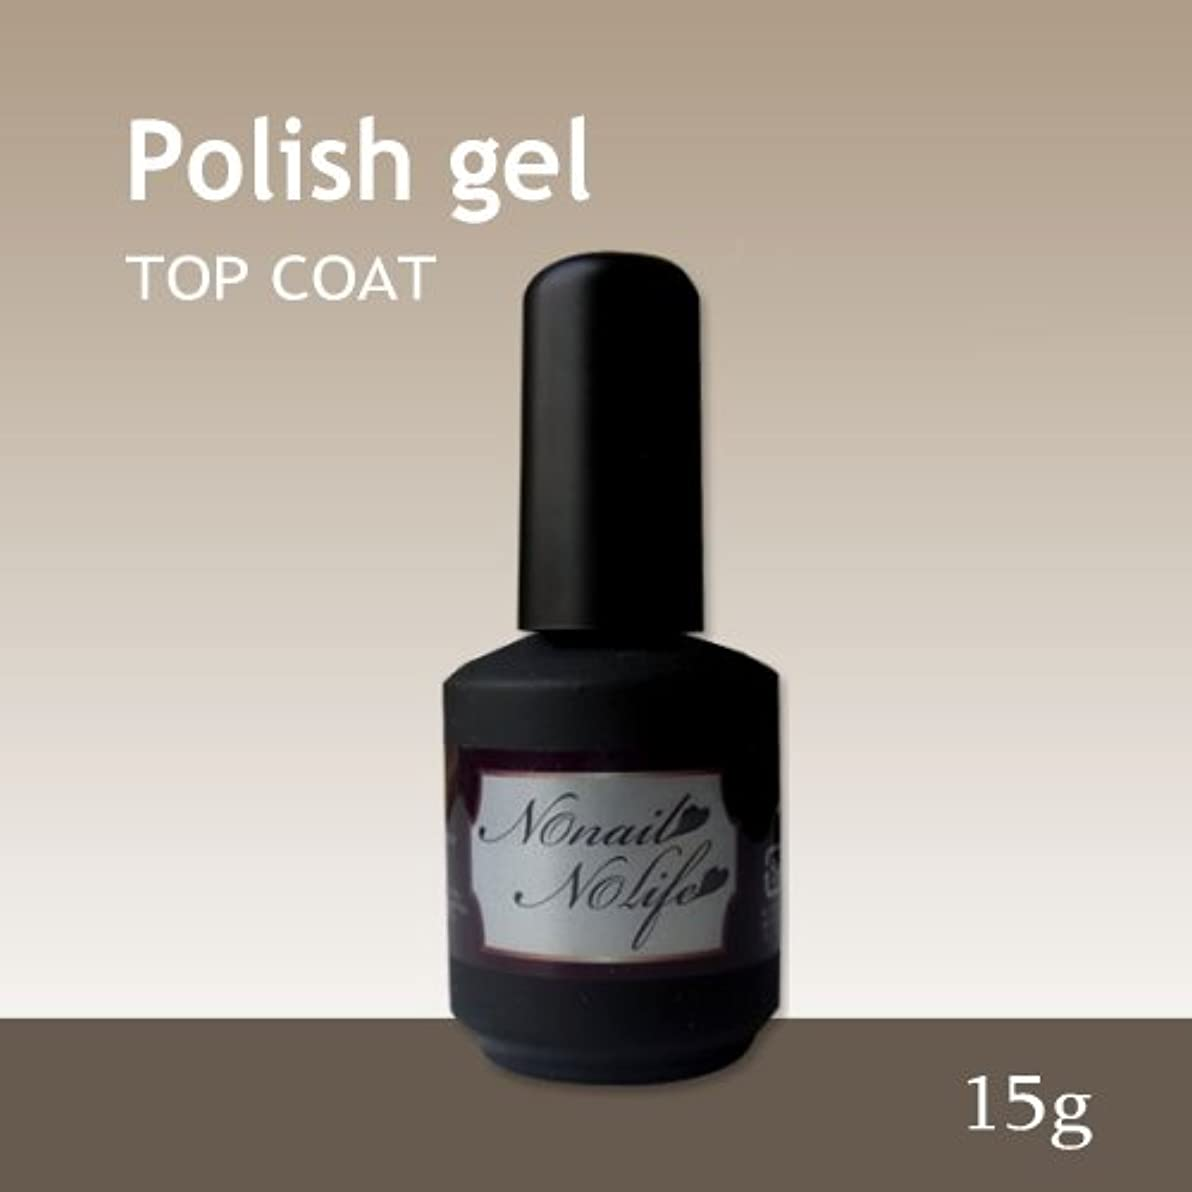 思いつく配当ラボジェルネイル《爪に優しいトップコートジェル》Natural Polish ポリッシュトップジェル(15g)